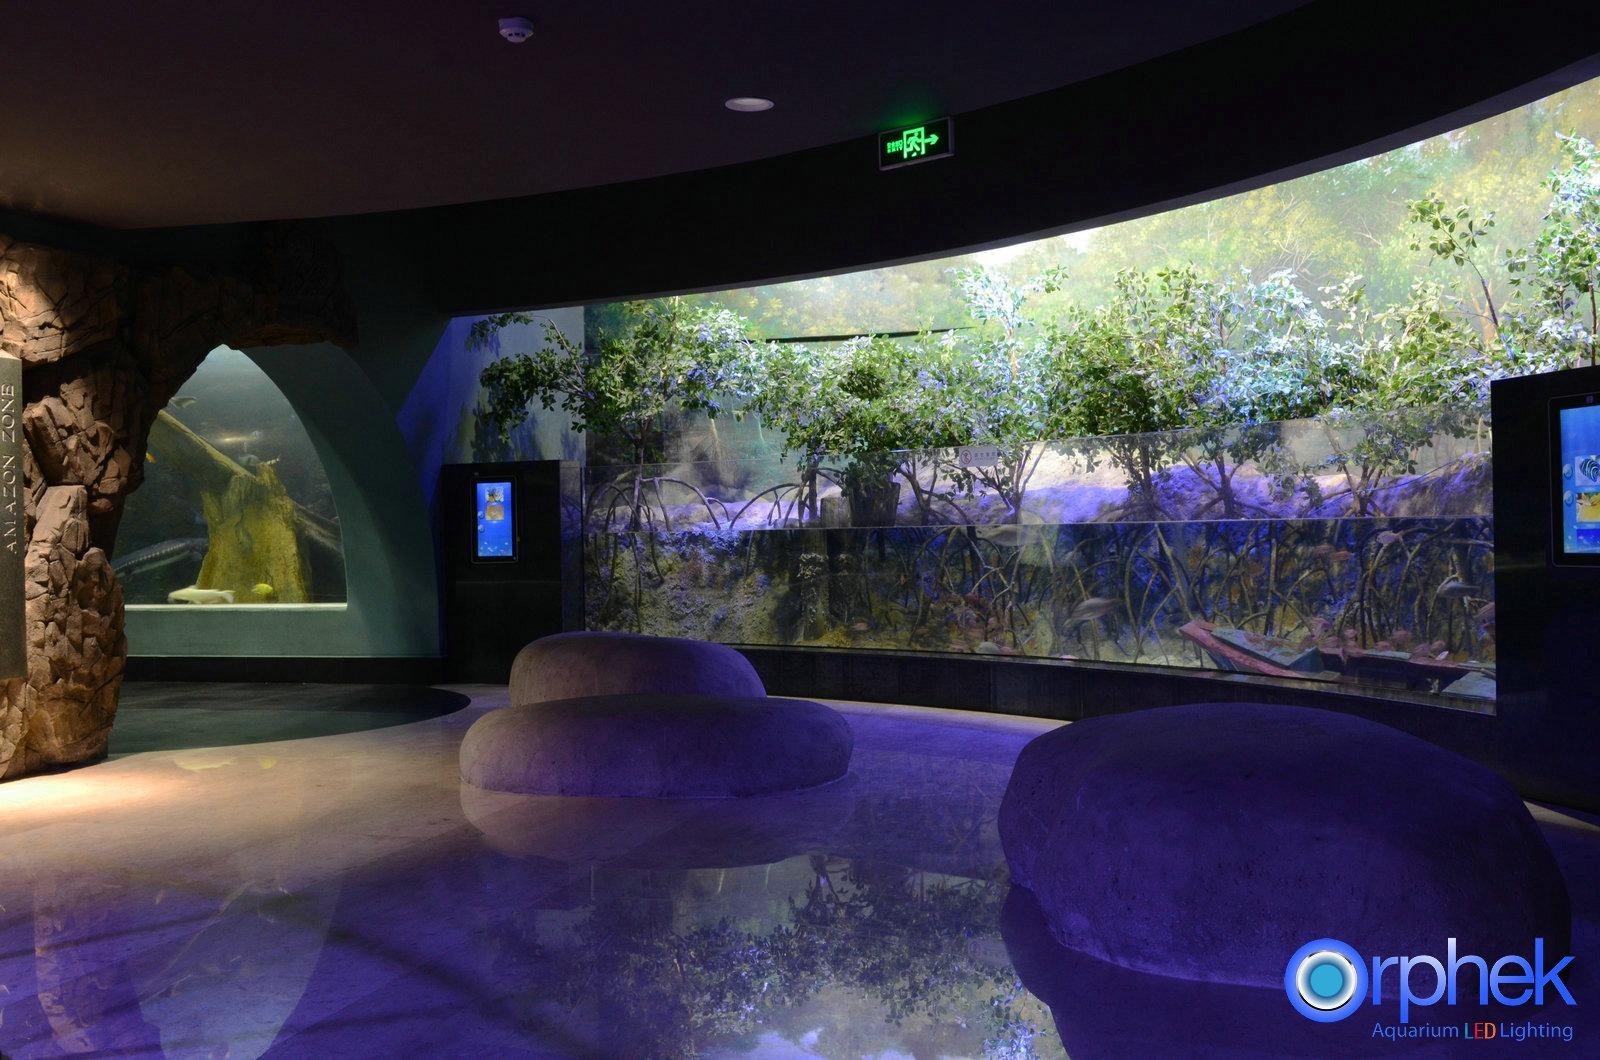 akuarium awam ditanam